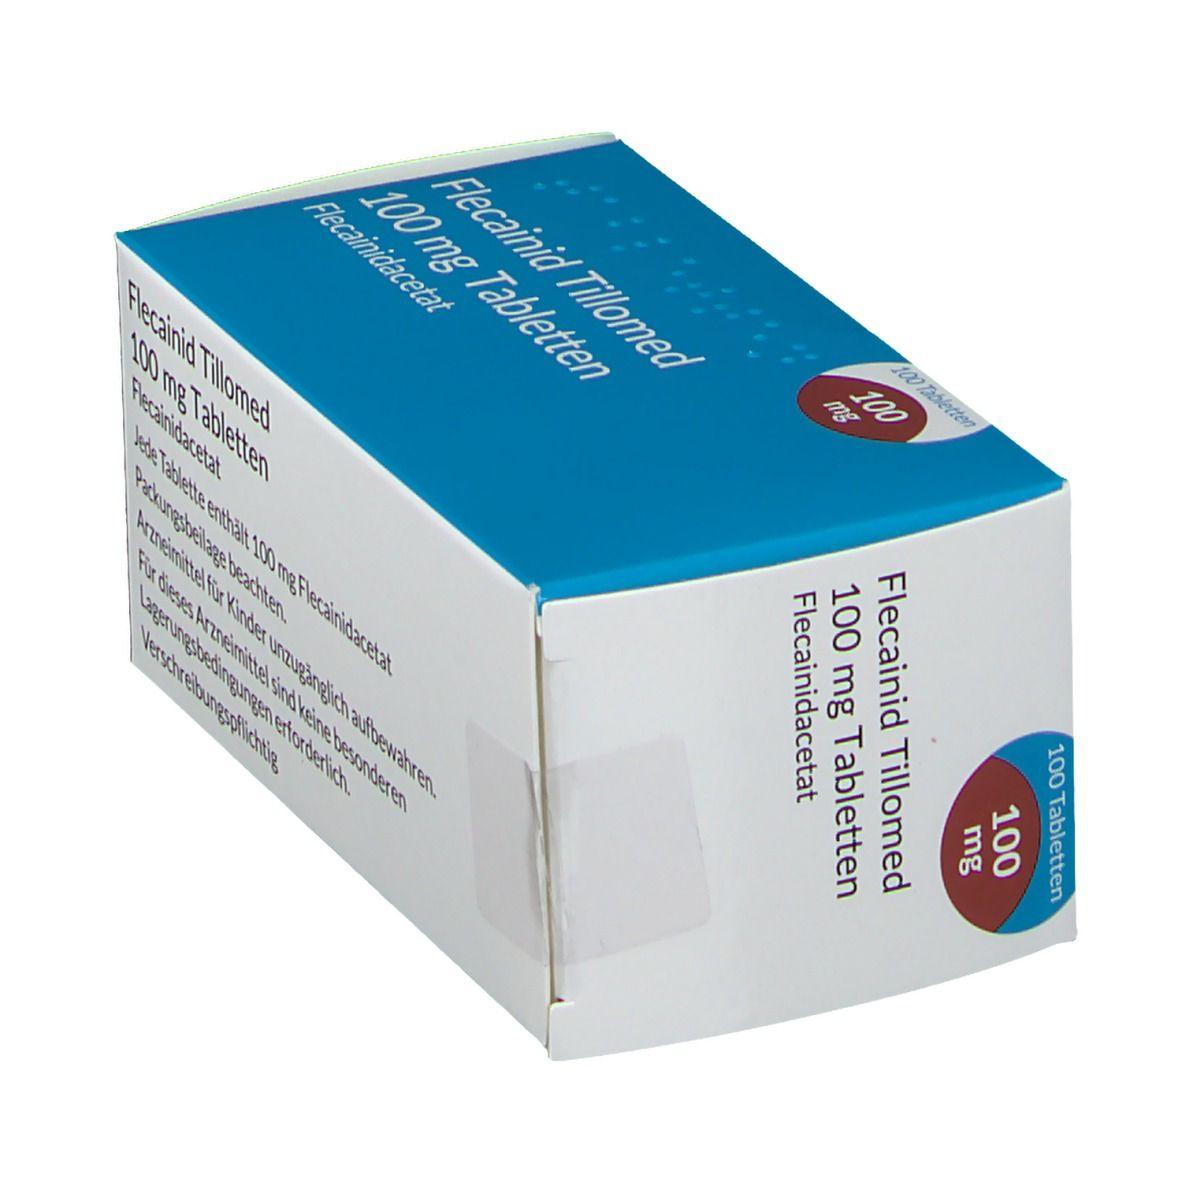 FLECAINID Tillomed 100 mg Tabletten